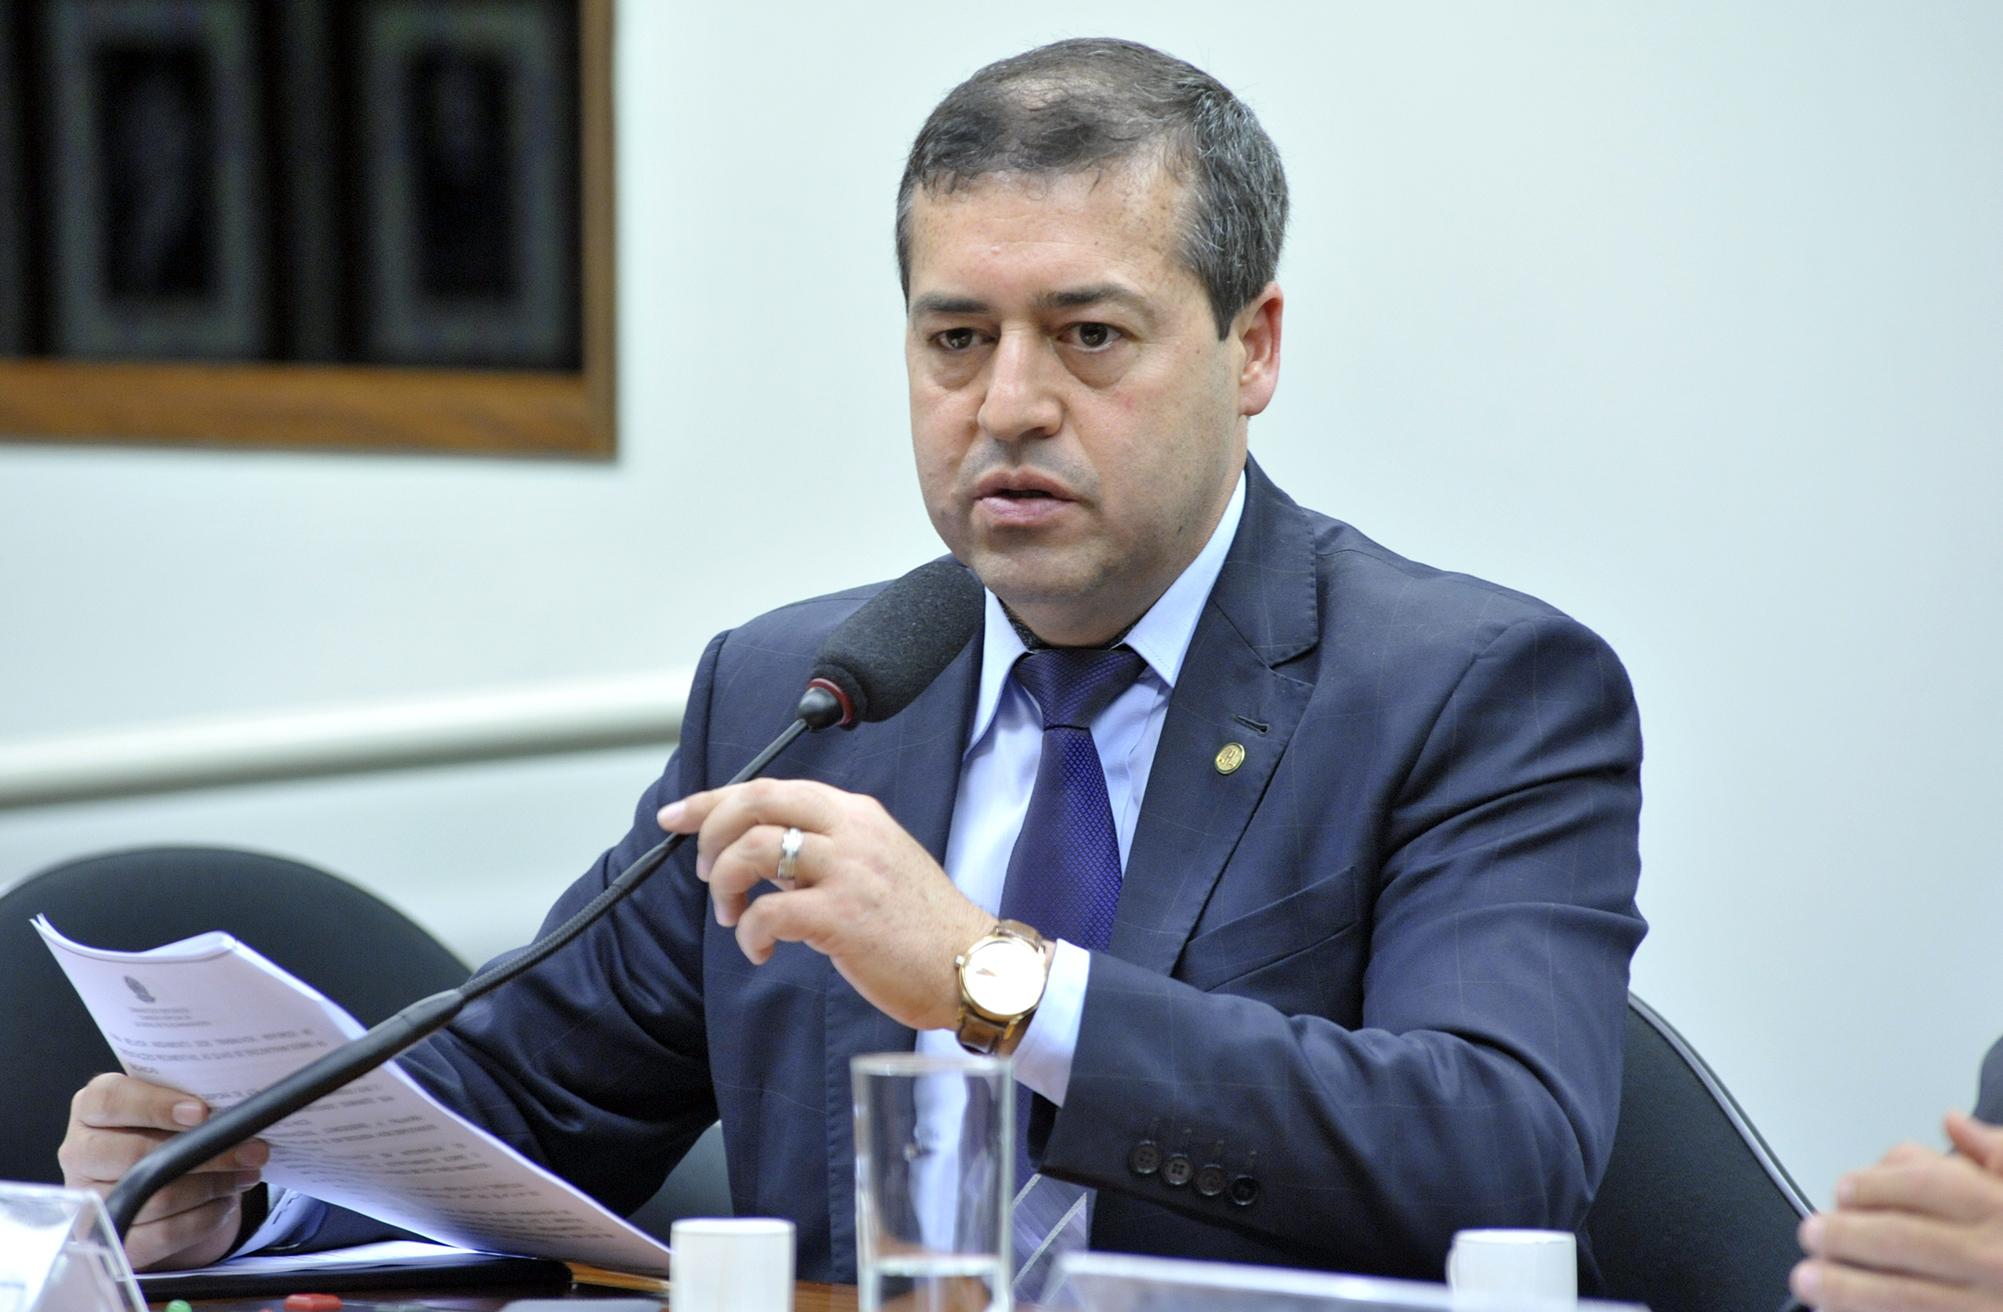 Ministro do Trabalho pede coerência do governo para cumprir acordos